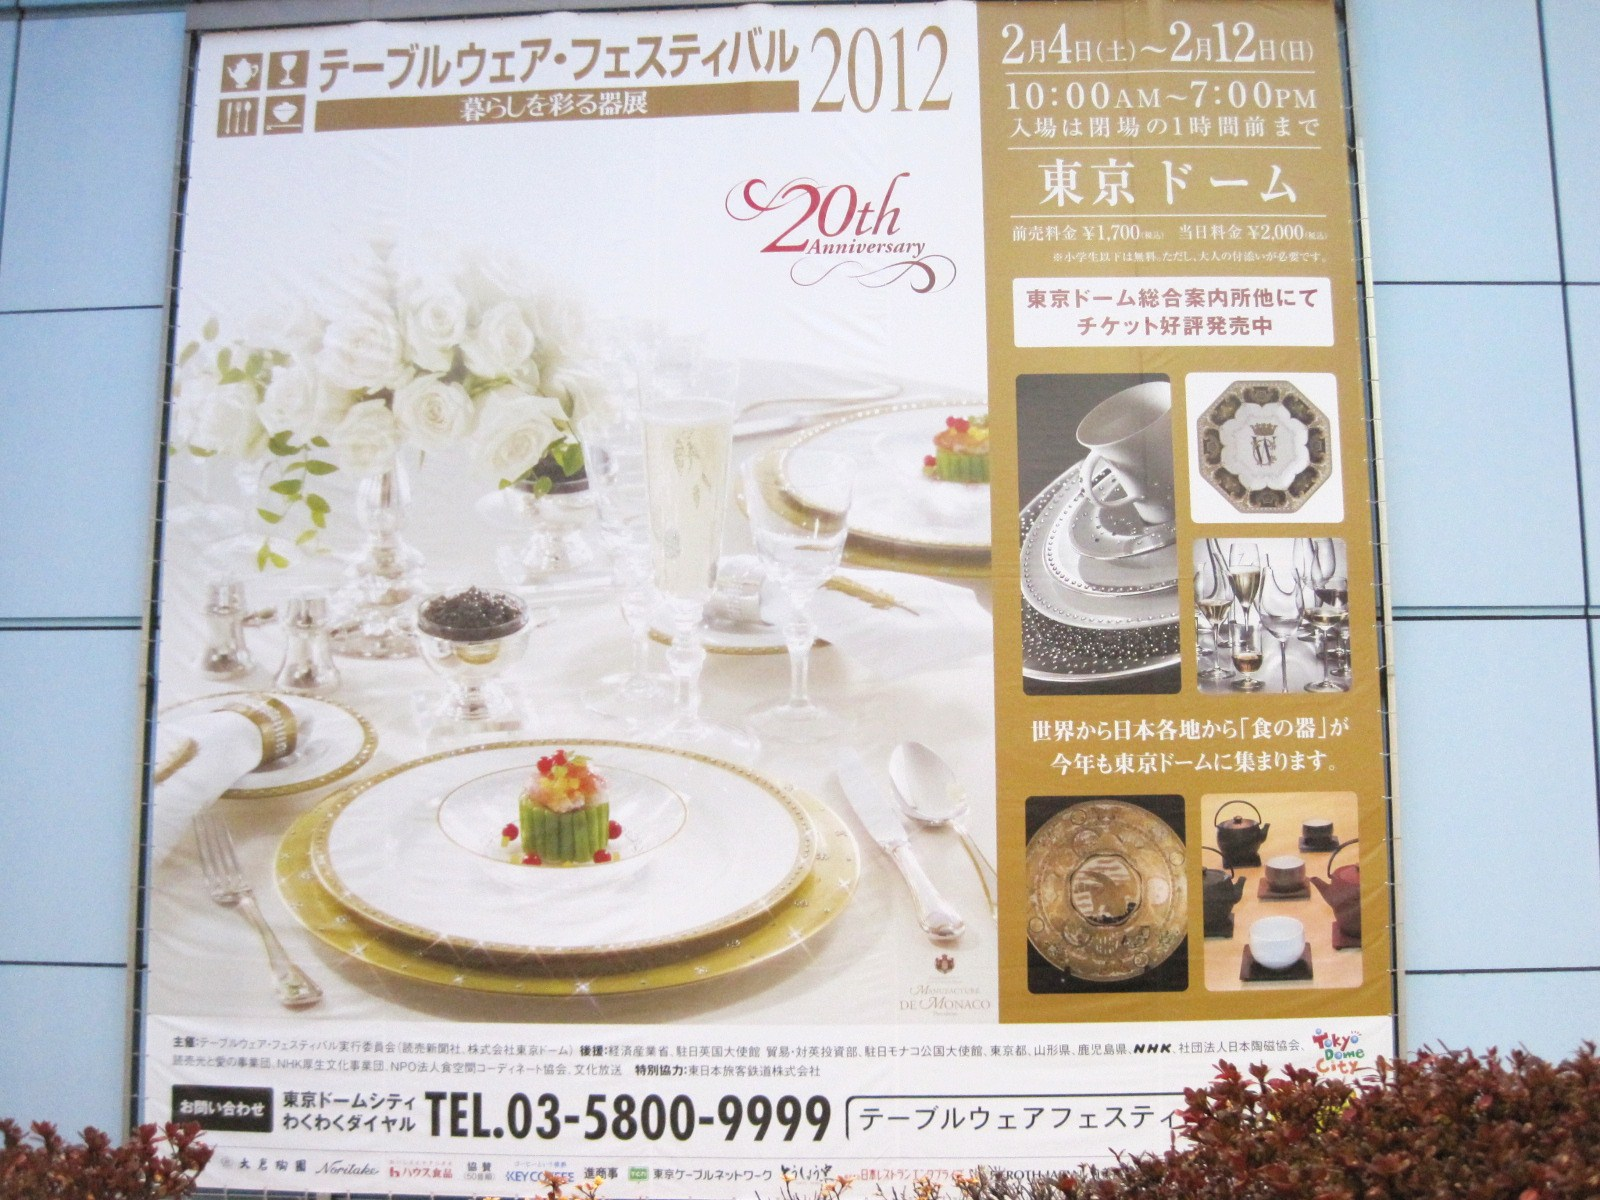 テーブルウェア・フェスティバル 2012 in 東京ドーム_f0236260_12312636.jpg